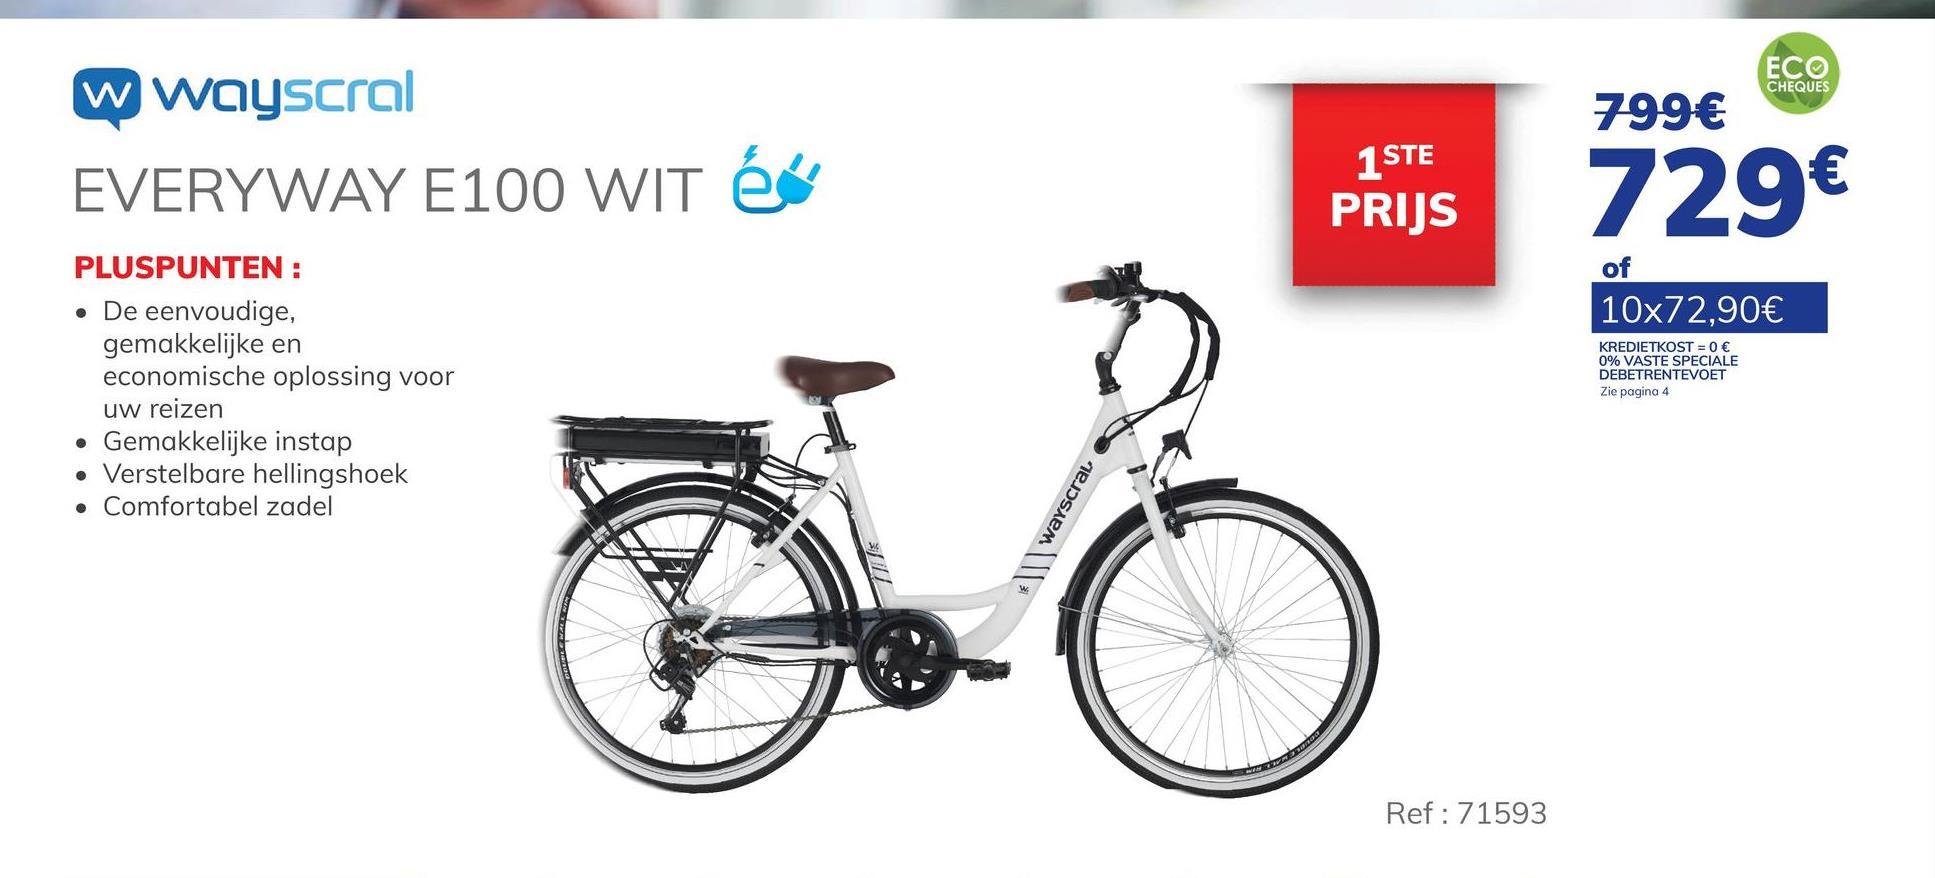 """Elektrische Fiets Wayscral Everyway E100 Wit De WAYSCRAL Everyway E100 is een stadsfiets die uitgerust is met de nieuwste technologie om de prestaties en betrouwbaarheid dagelijks te garanderen. Het is de meest economische fiets in het gamma. Deze stadsfiets heeft een 250 W motor achterin en een SAMSUNG 36 V 7.8 Ah lithiumcel batterij waarmee u tussen de 25 en 40 km kunt rijden. De assistentie helpt u tot 25 km/u. De batterij kan in 3 tot 4 uur worden opgeladen. De Easyway E100 heeft een kettingbeschermer om de ketting vrij te houden van vuil en stof en om het kettinggeluid te verminderen. Het heeft ook een kantelbare stuurpen. Deze fiets heeft een externe Shimano 6-versnellingsbak. Het is sterk en licht dankzij de aluminium samenstelling. Het LED-display maakt het mogelijk om de 3 ondersteuningsniveaus en het batterijniveau te regelen. De lader wordt bij de fiets geleverd. Het is een eenvoudige, praktische en economische oplossing voor alledaagse reizen.. - Stadsfiets uitgerust met de nieuwste technologie. - Achterste 250 W motor. - SAMSUNG lithiumbatterij 36 V 7,8 Ah. - Sterk en licht. - LED-display Ontdek de premies bij het kopen van een elektrische fiets. Klik hier >"""""""